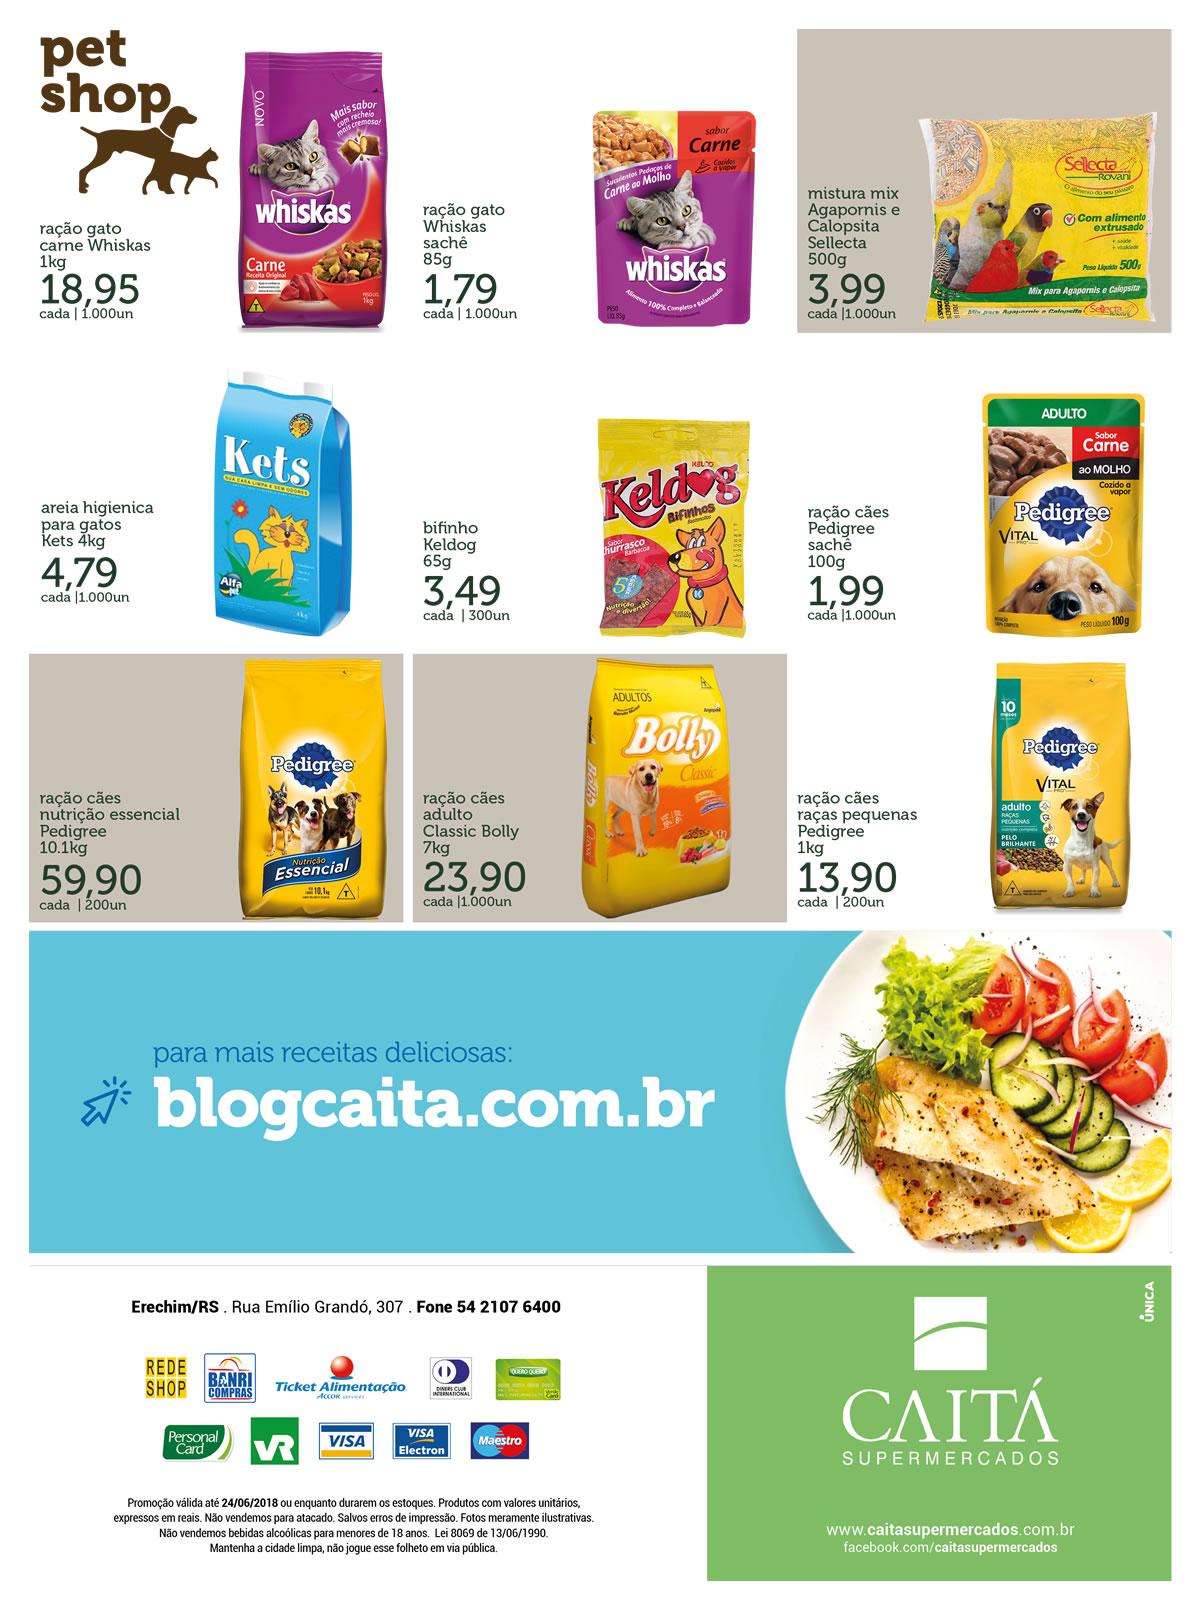 caita_supermercados_tabloide_junho2018_erechim20